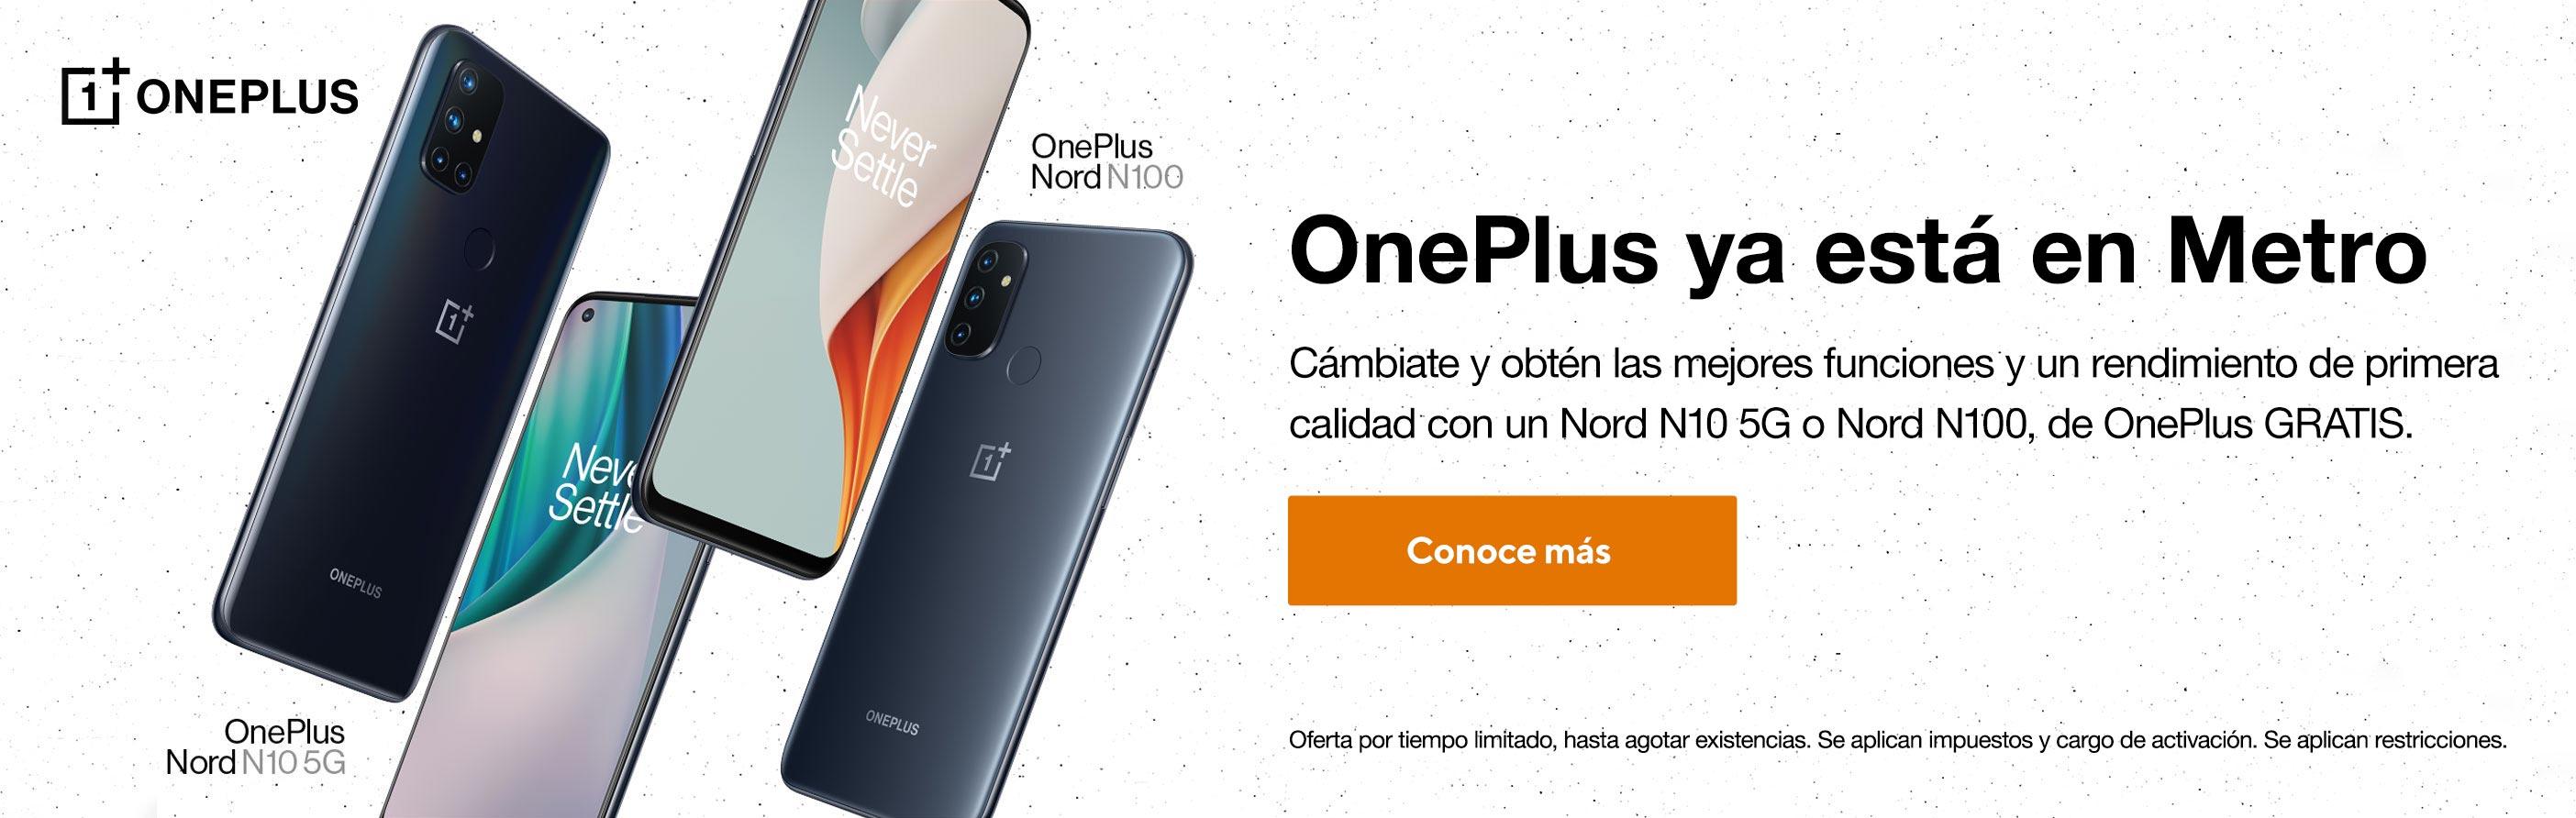 OnePlus ya está en Metro. Cámbiate y obtén las mejores funciones y un rendimiento de primera calidad con un OnePlus Nord N10 5G o Nord N100 GRATIS. Oferta por tiempo limitado, hasta agotar existencias. Se aplican impuestos y cargo de activación. Se aplican restricciones.